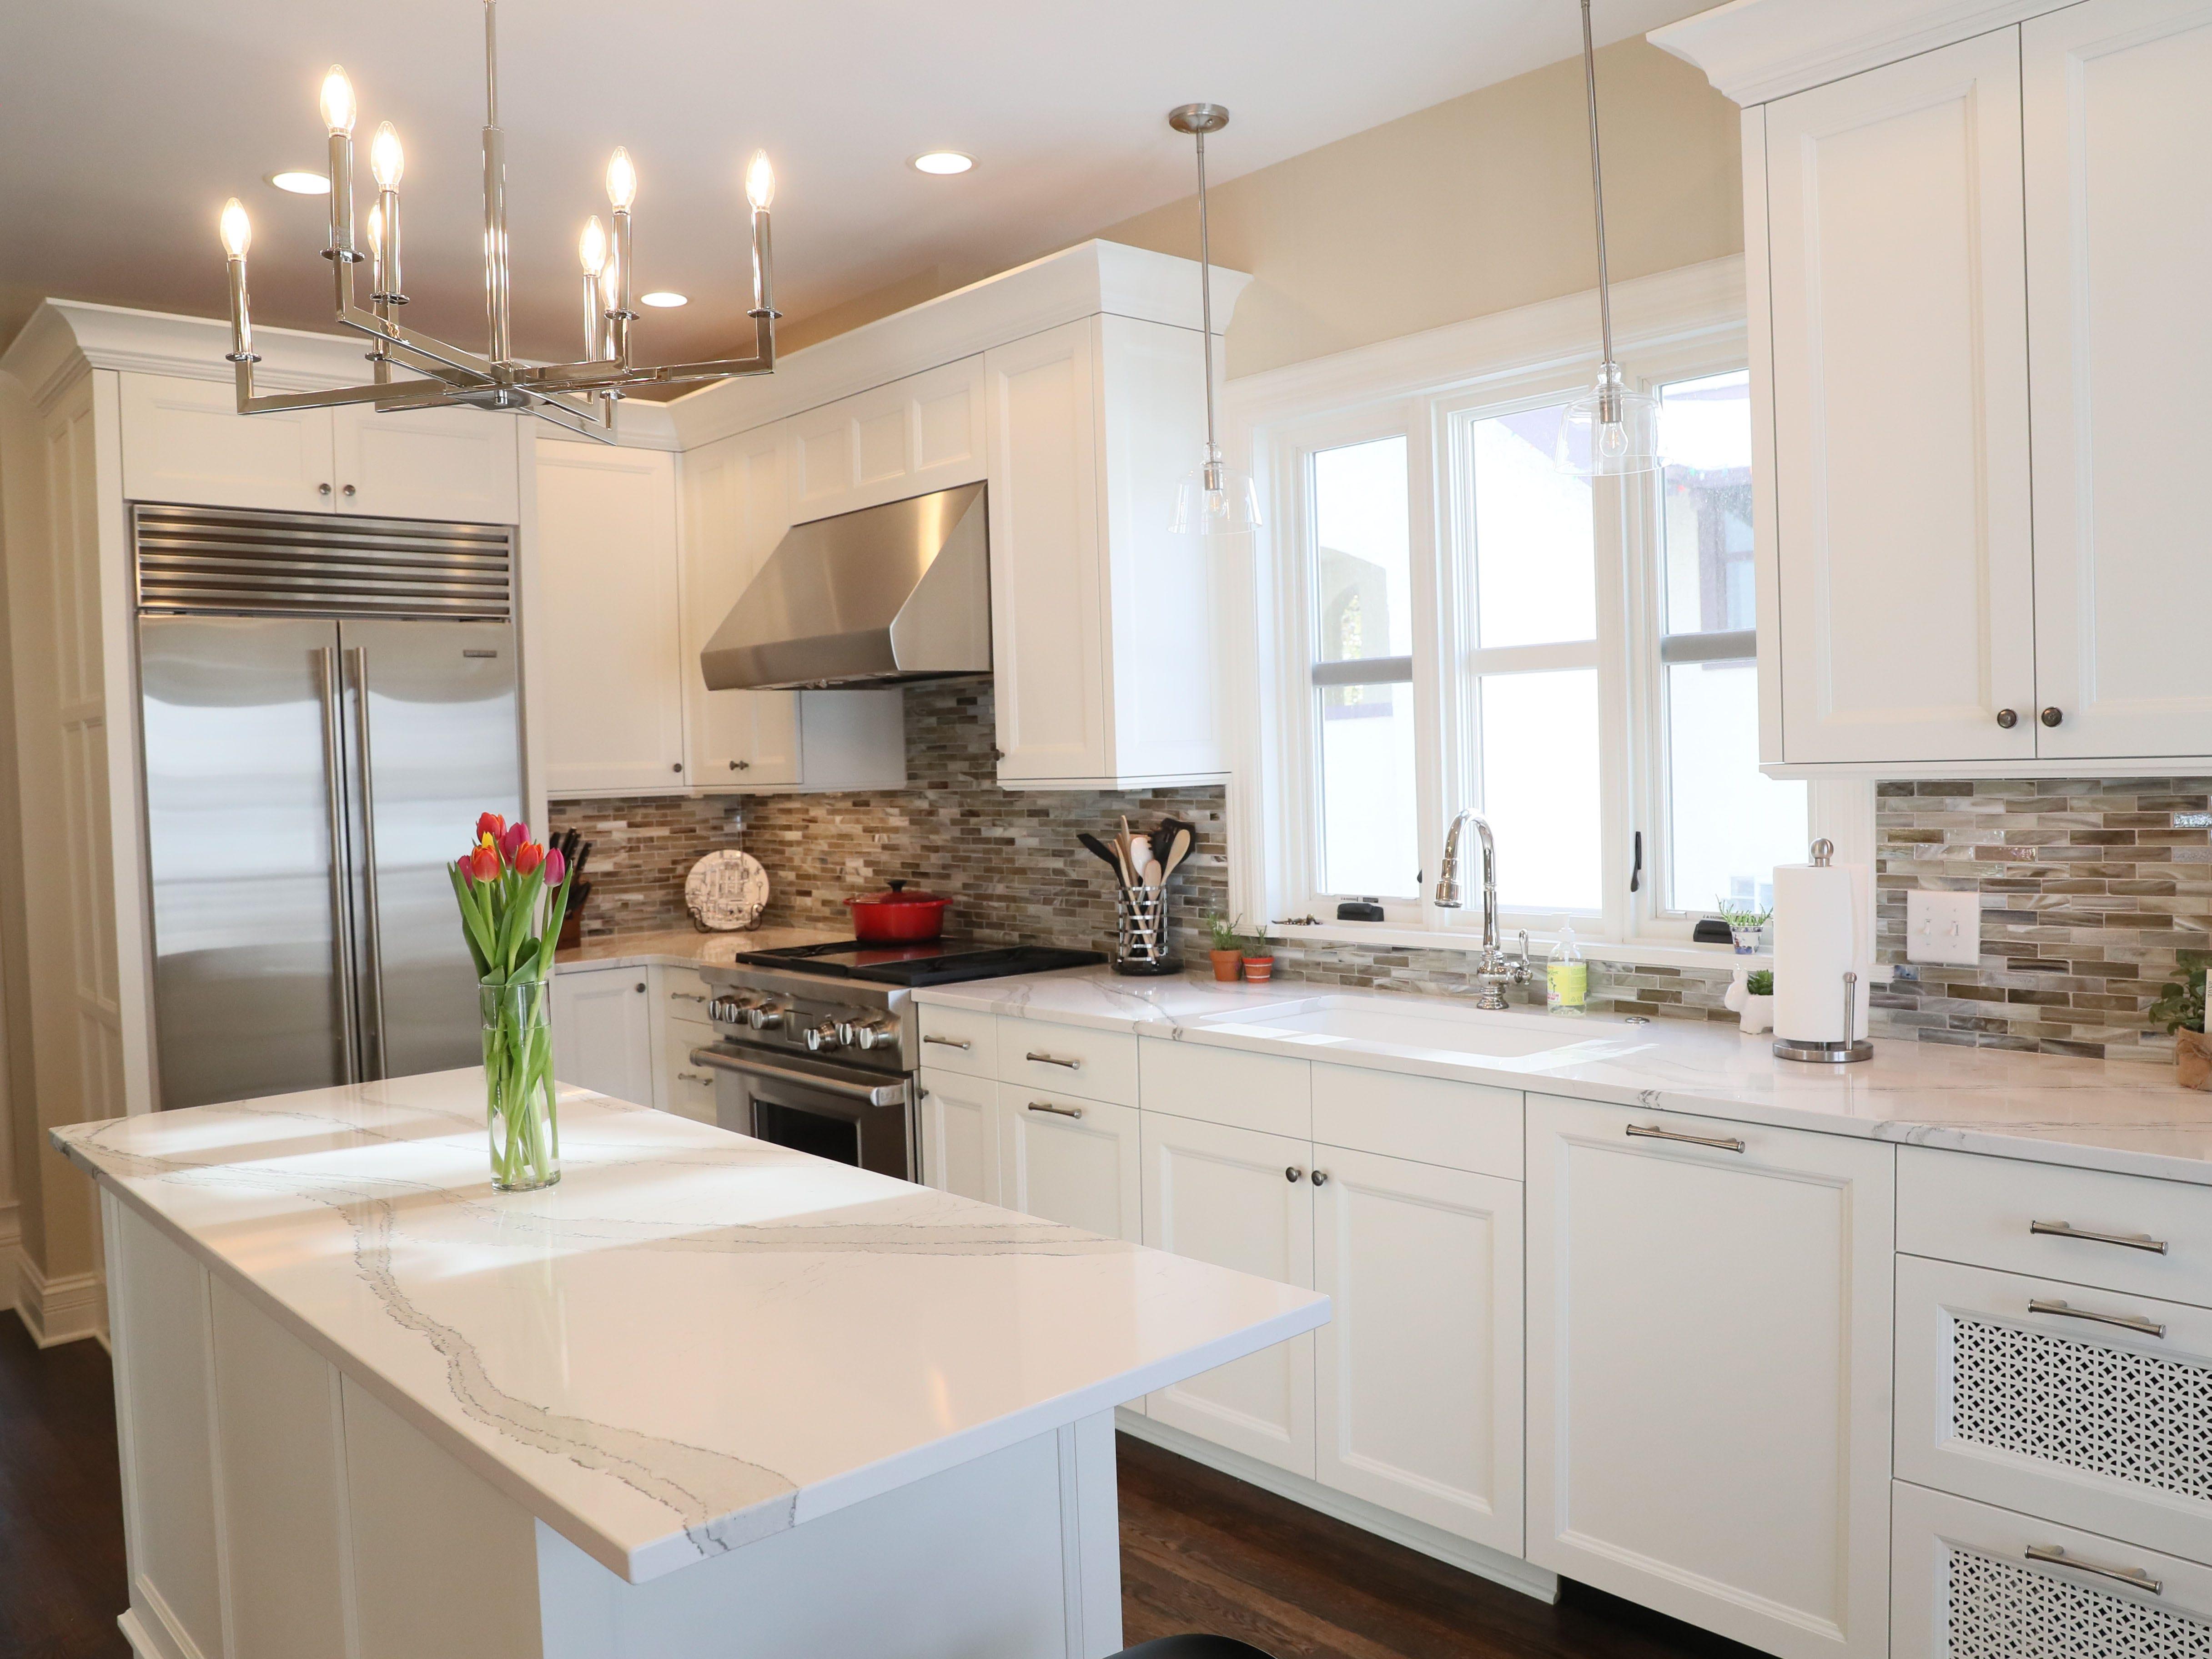 The kitchen countertops are Cambria quartz.